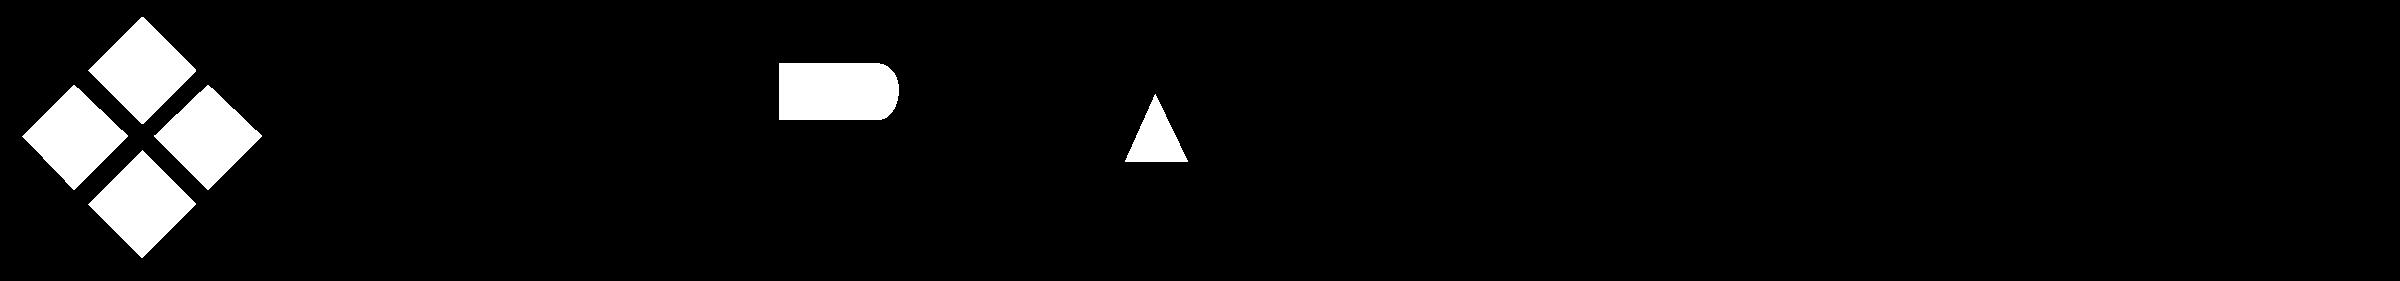 Gravely Logo PNG Transparent & SVG Vector.